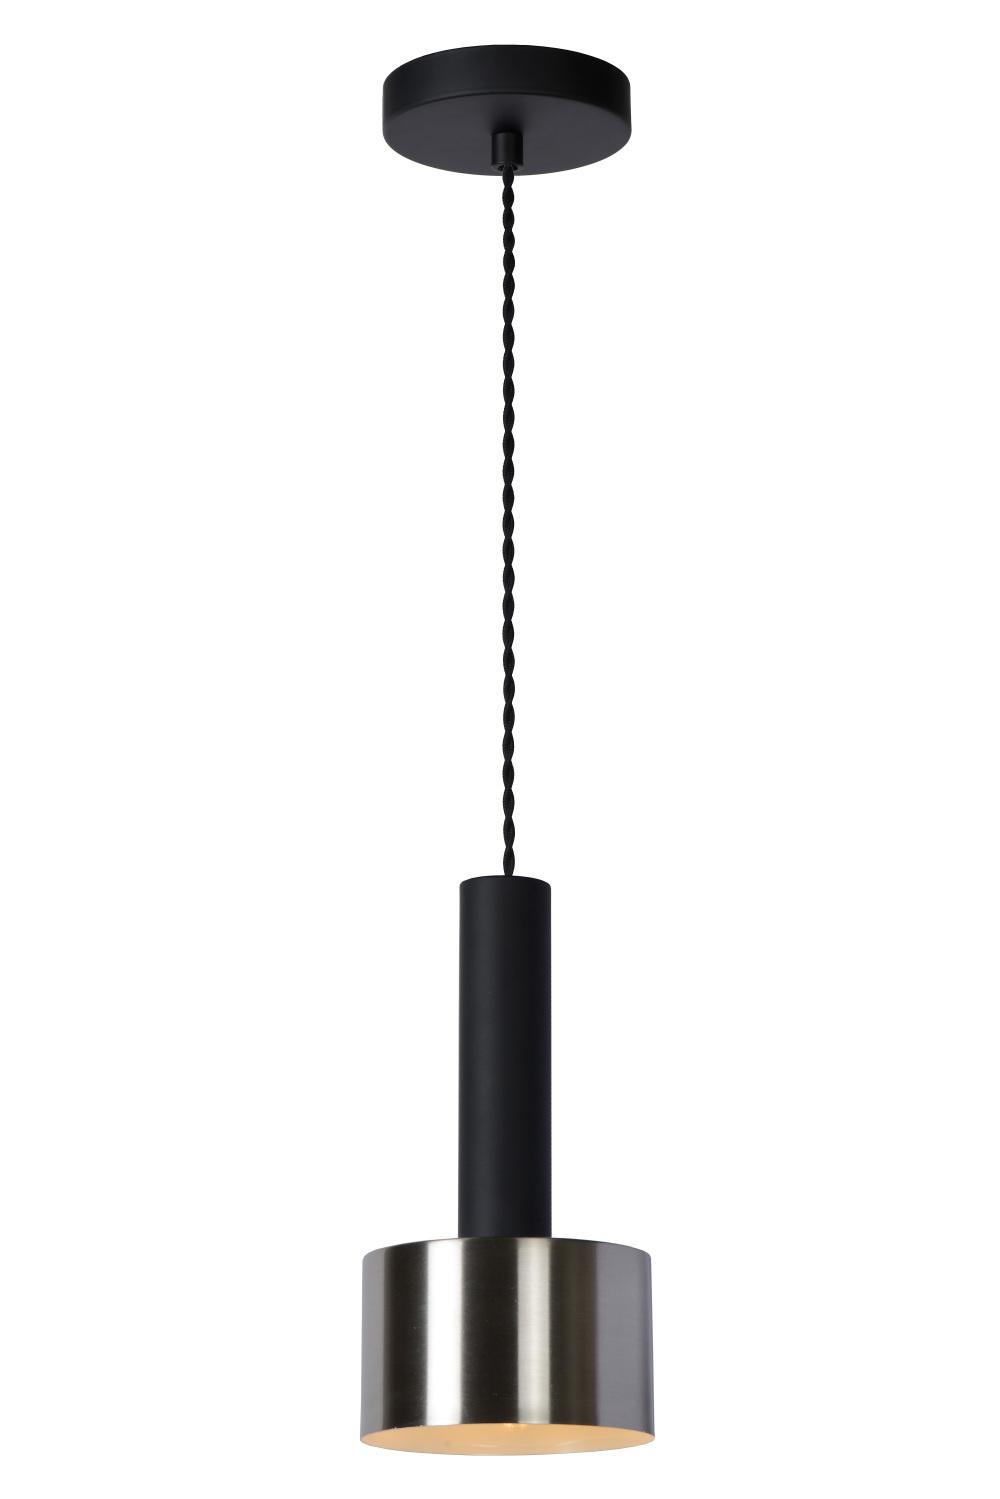 Lucide TEUN Hanglamp-Zwart-Ø13-1xE27-40W-Staal